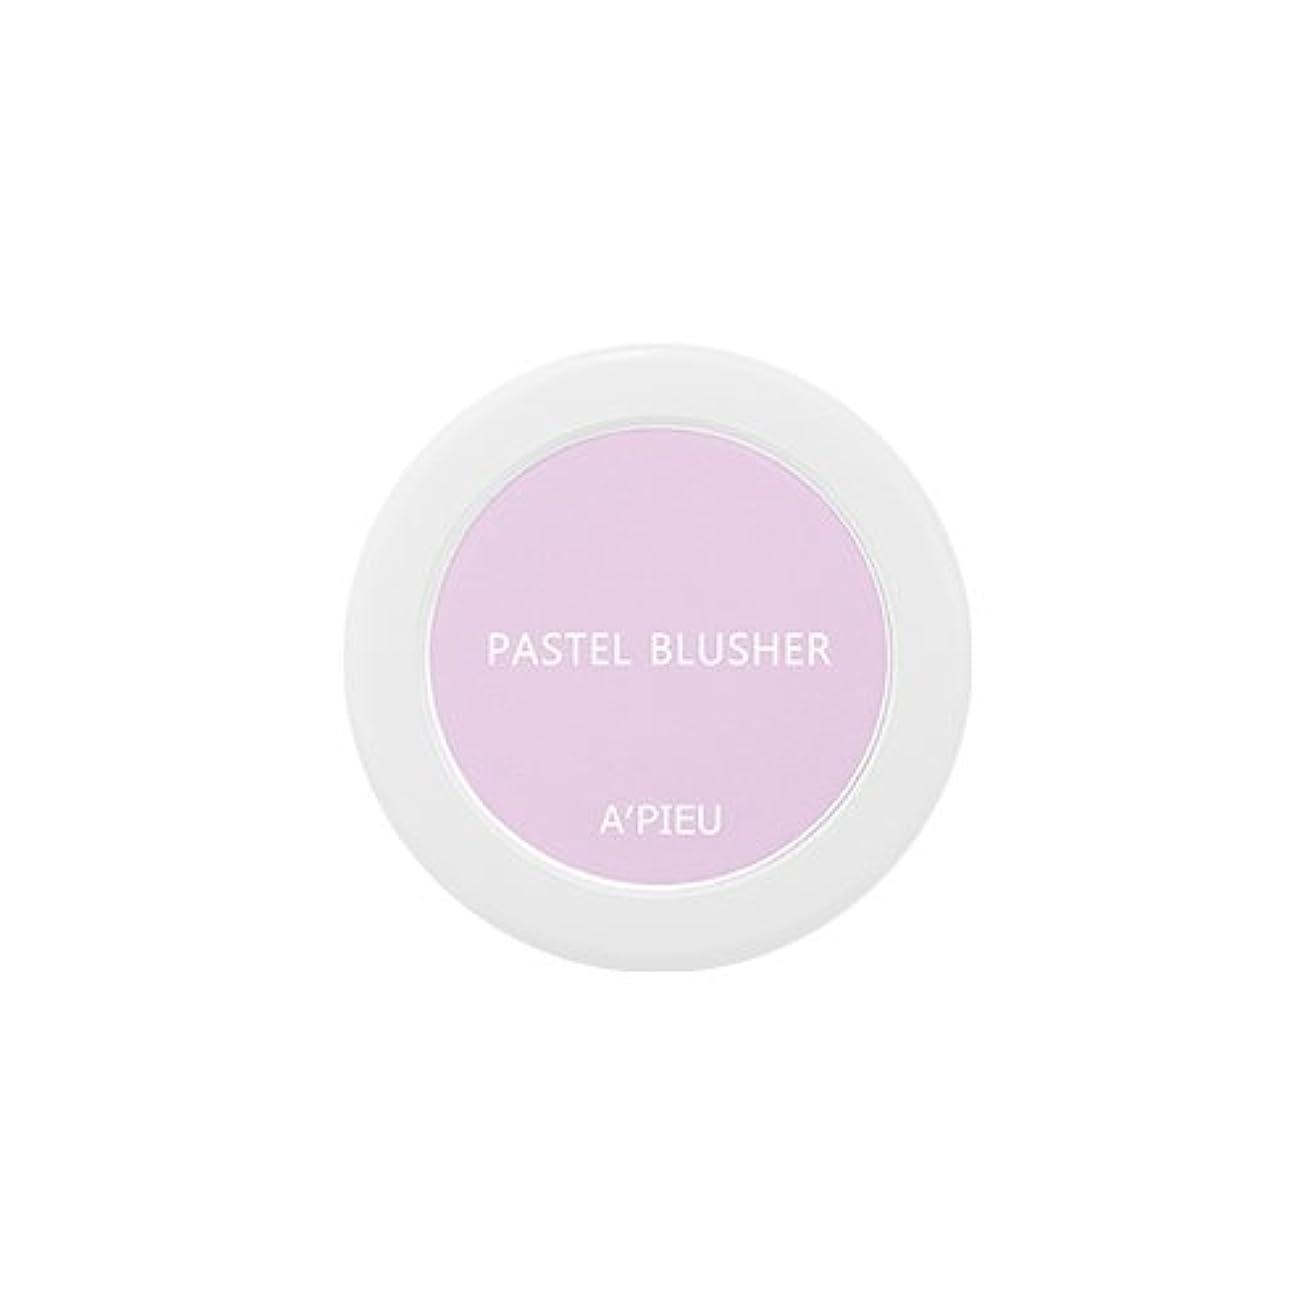 信仰安価なパーチナシティアピュ[APIEU] Pastel Blusher パステル ブラッシャー (VL03) [並行輸入品]